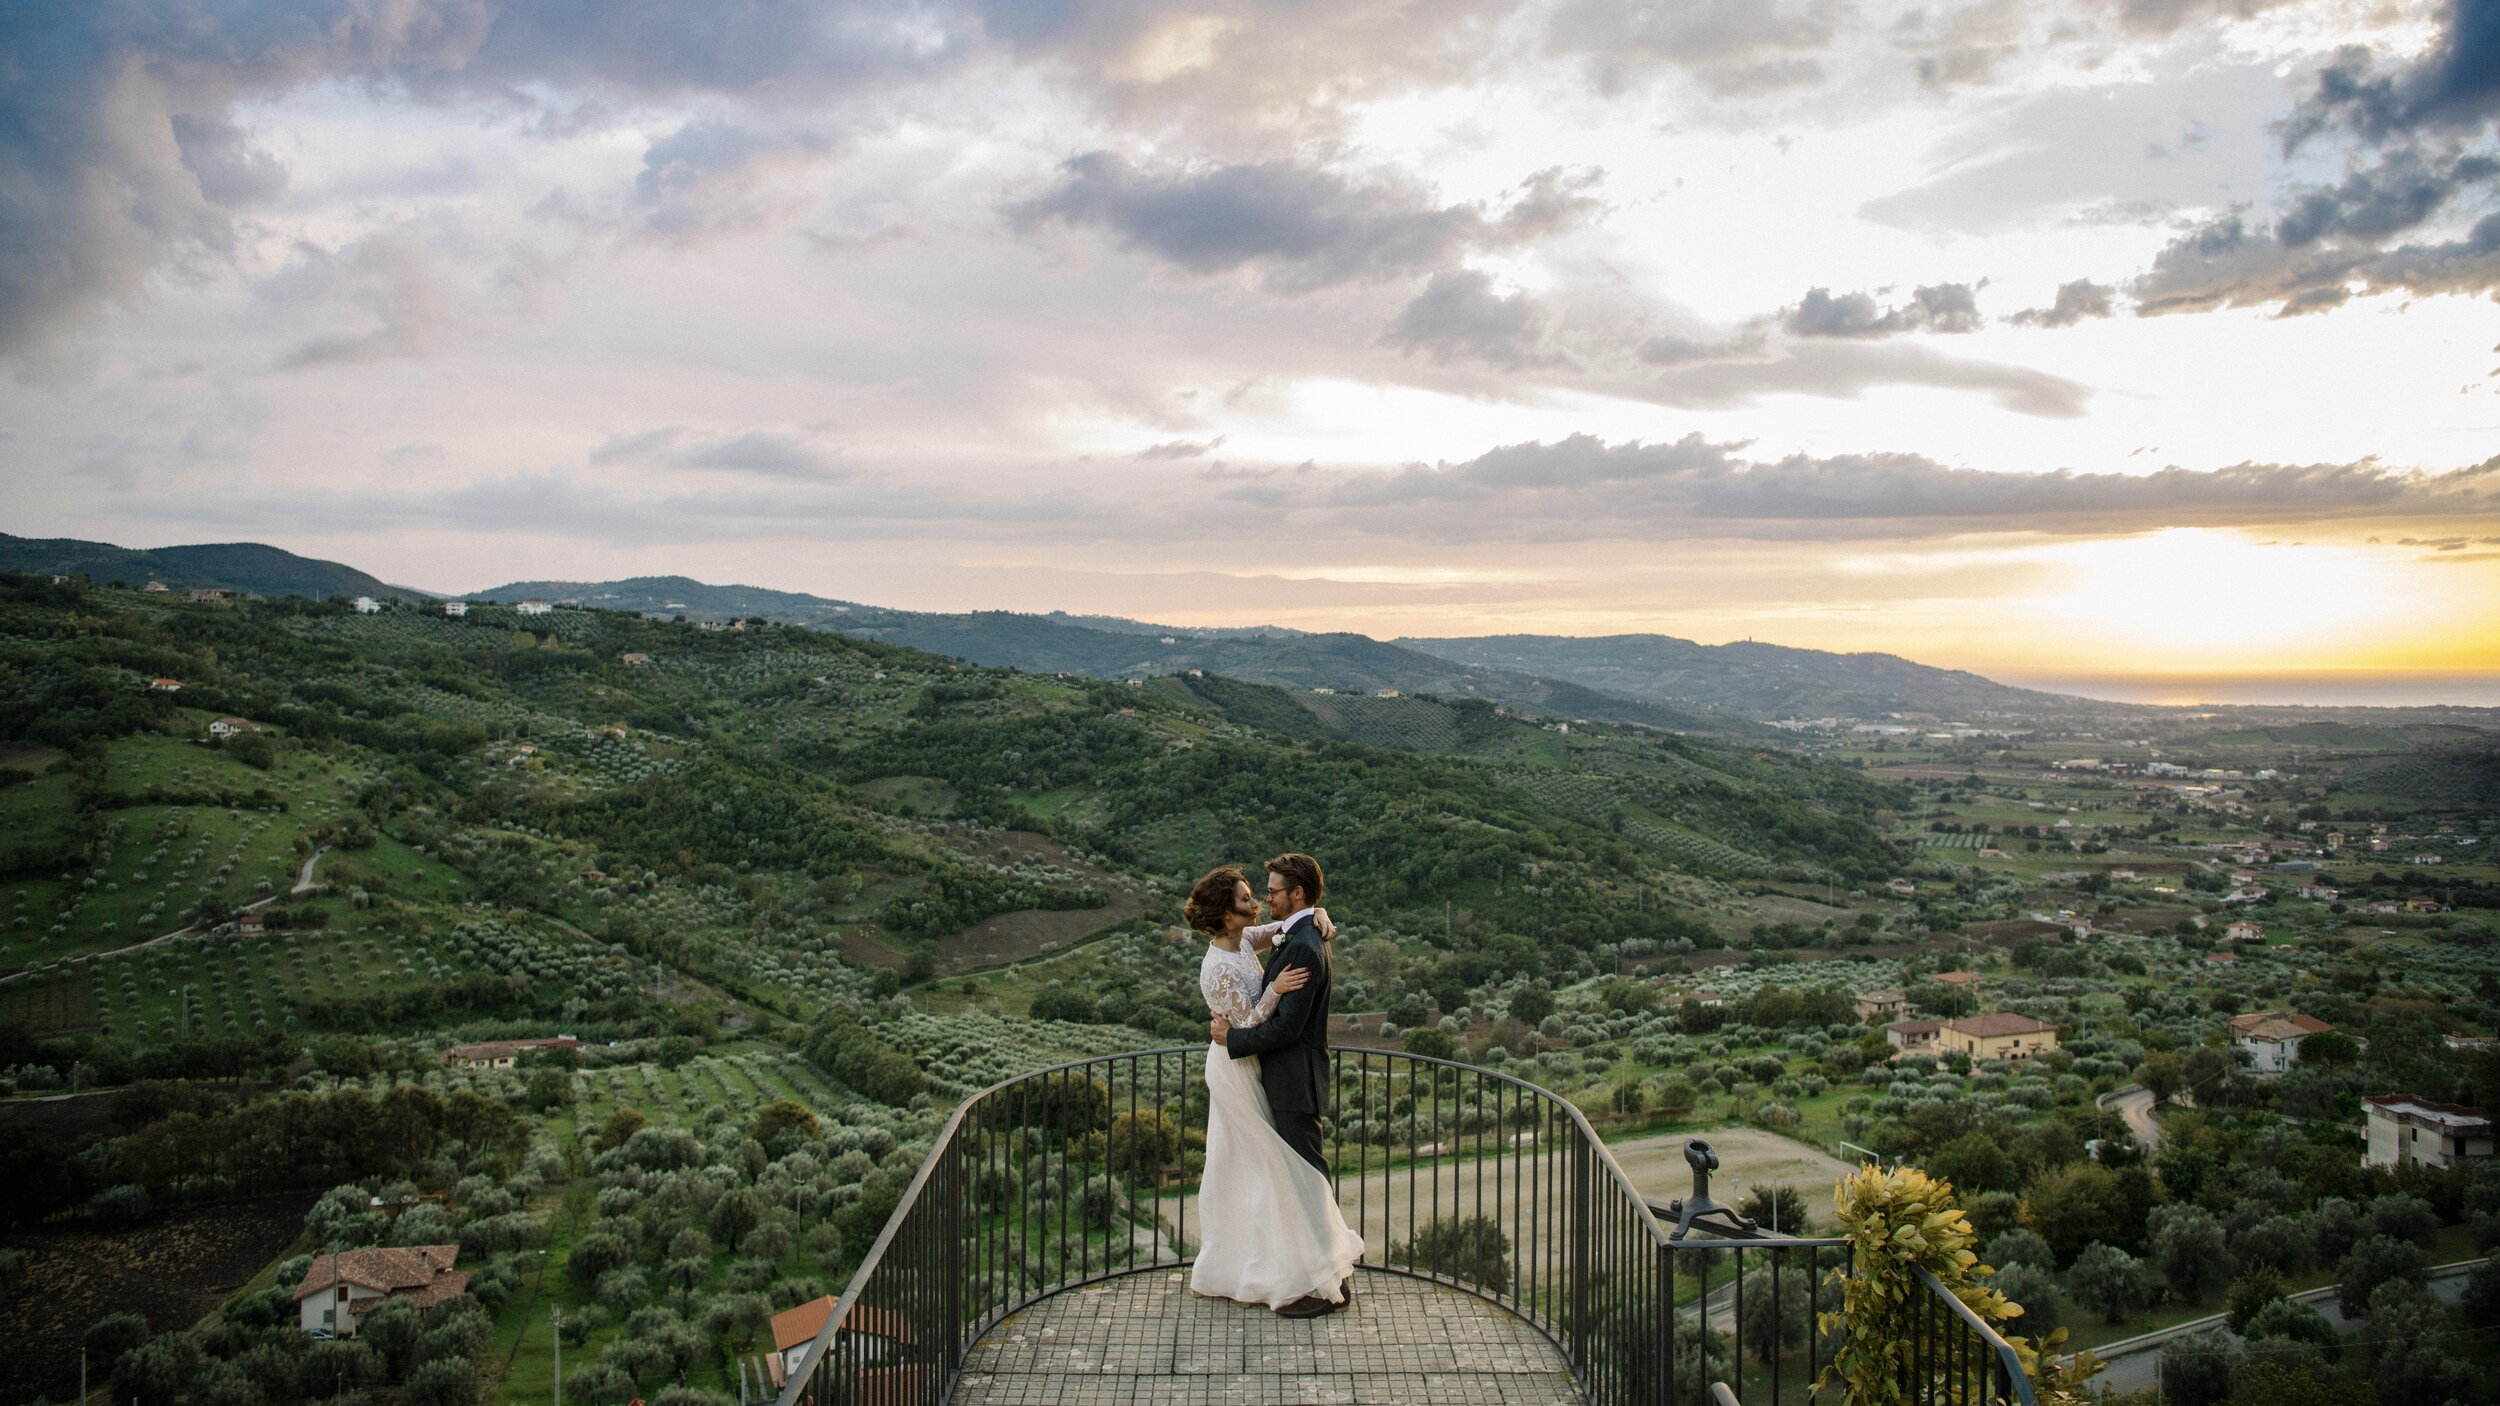 Michael & Emily | Italy